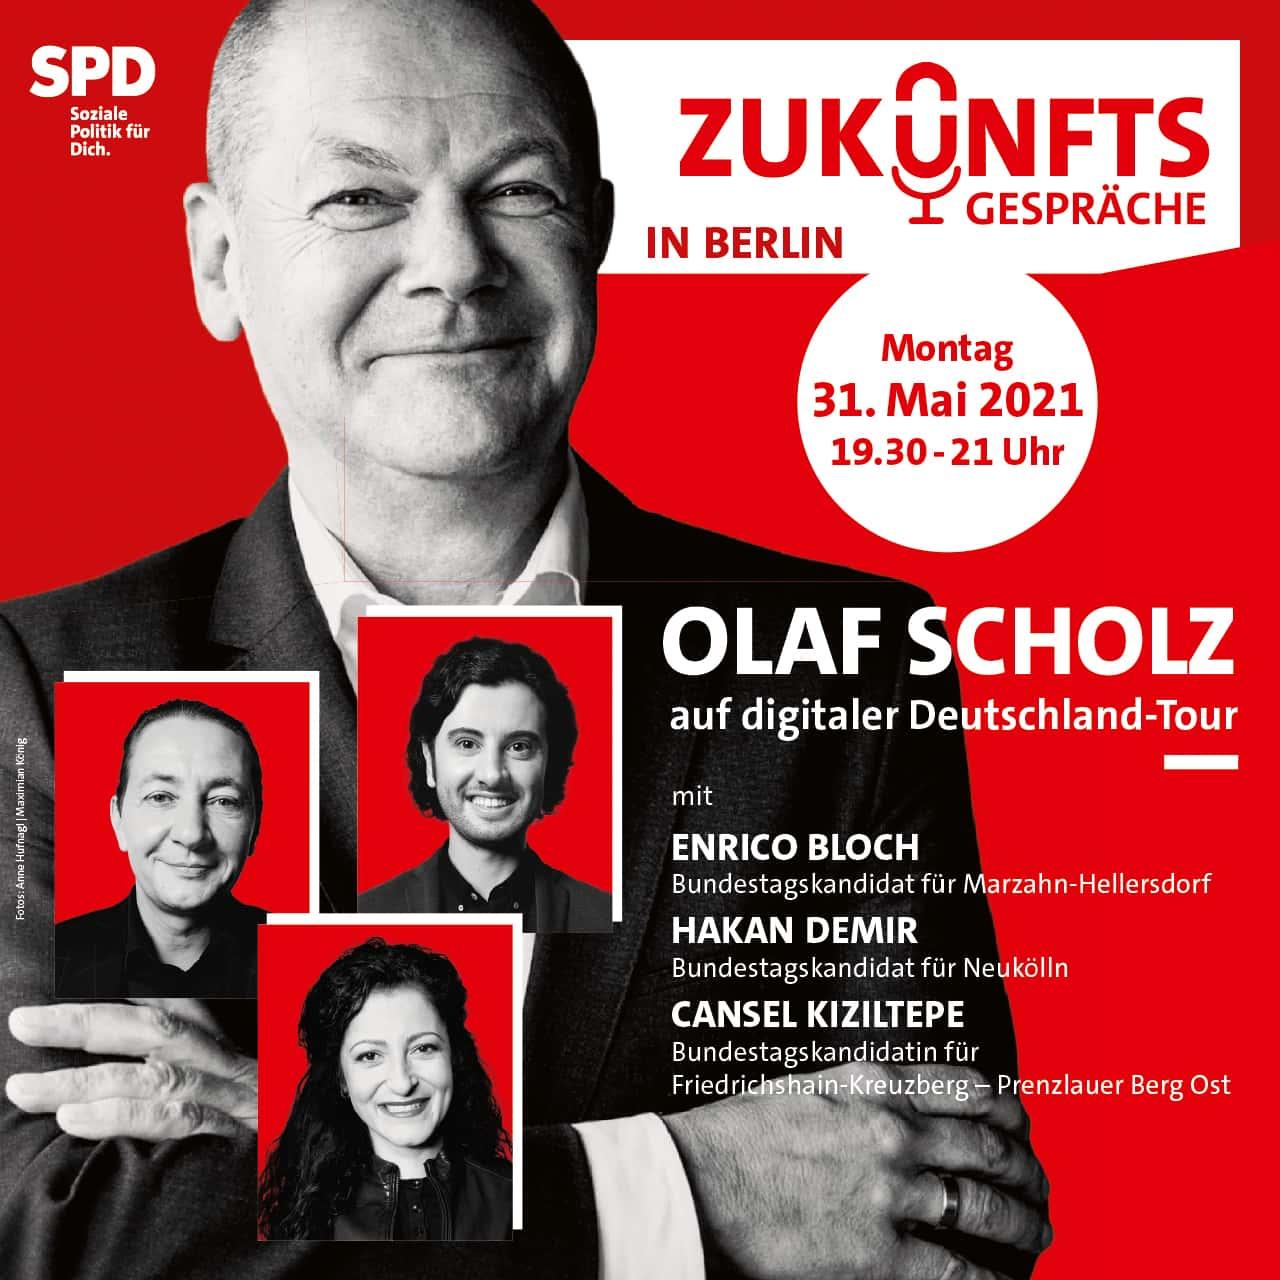 Zukunftsgespräch Olaf Scholz mit Enrico Bloch, Hakan Demir und Cansel Kiziltepe 1